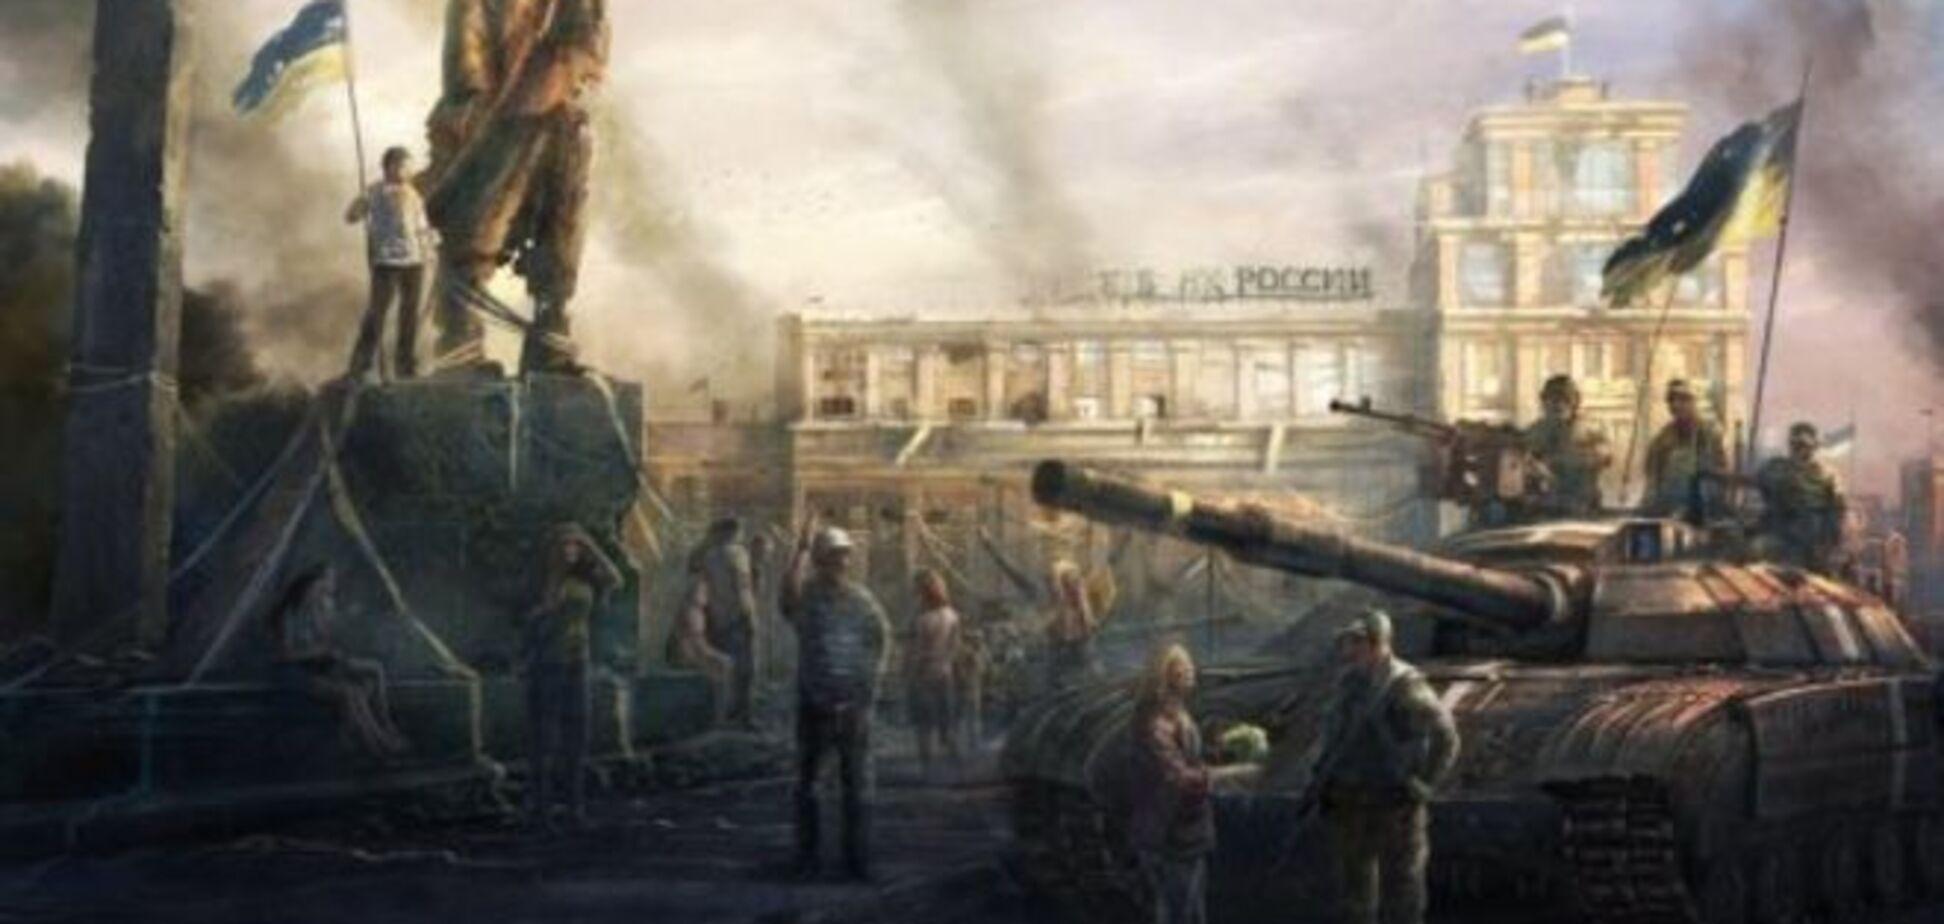 Тут, на Донбасі, дійсно поважають силу більше за розум і людяність